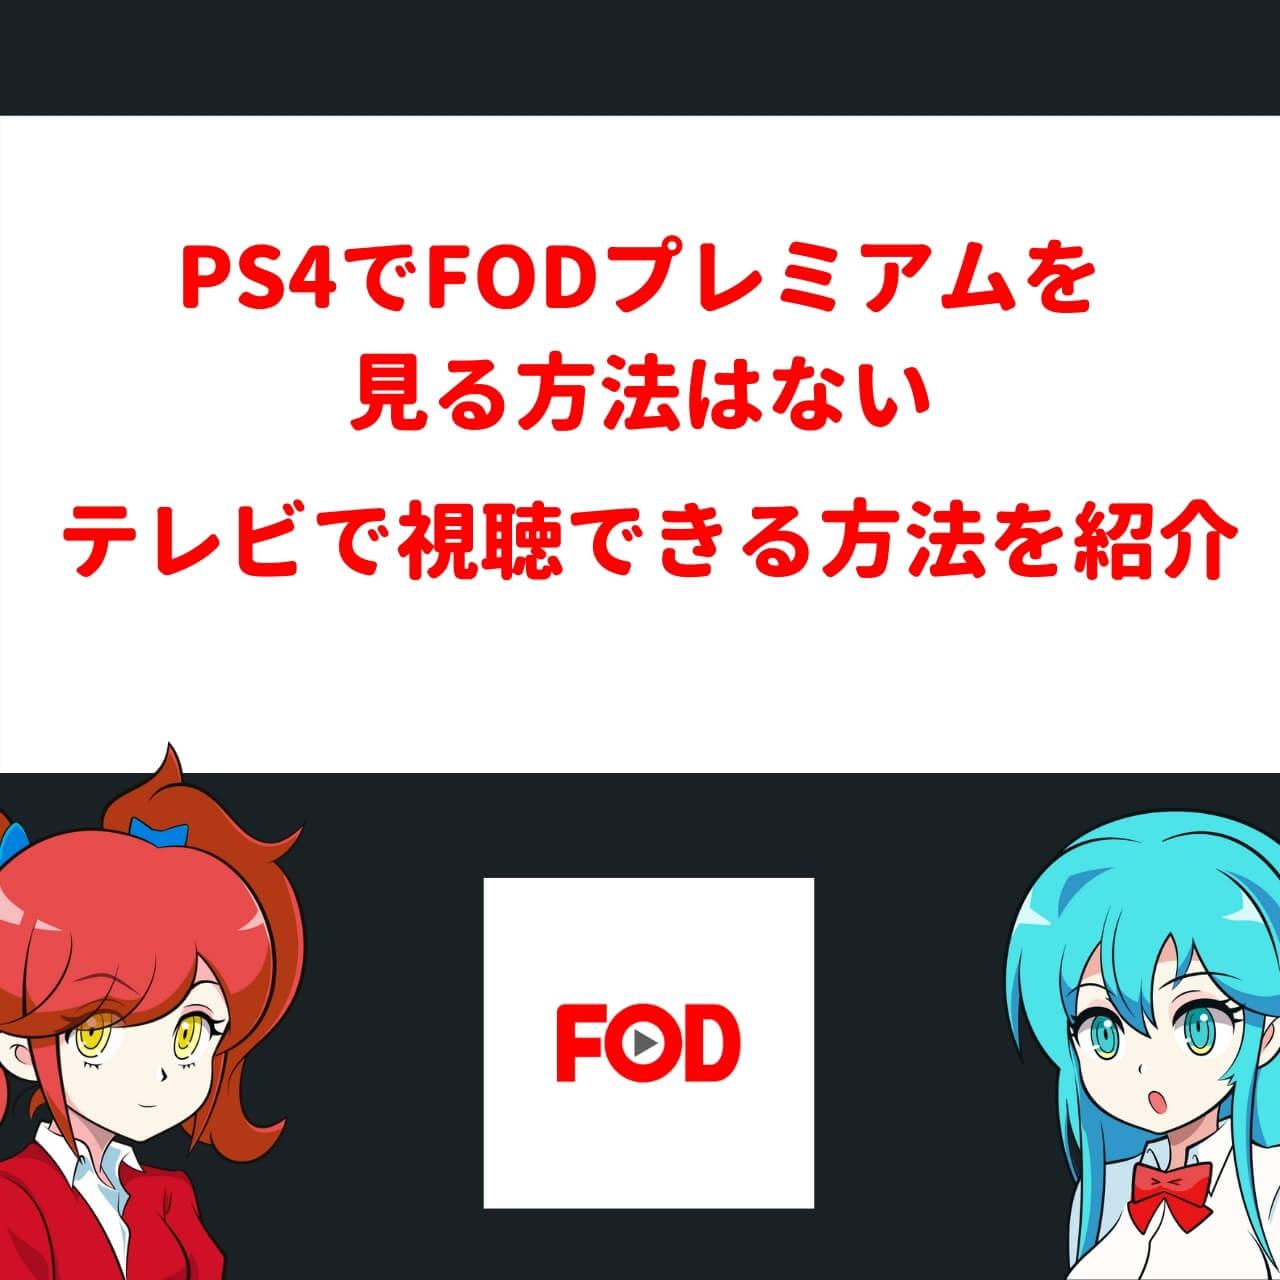 PS4でFODプレミアムを見る方法はない|テレビで視聴できる方法を紹介